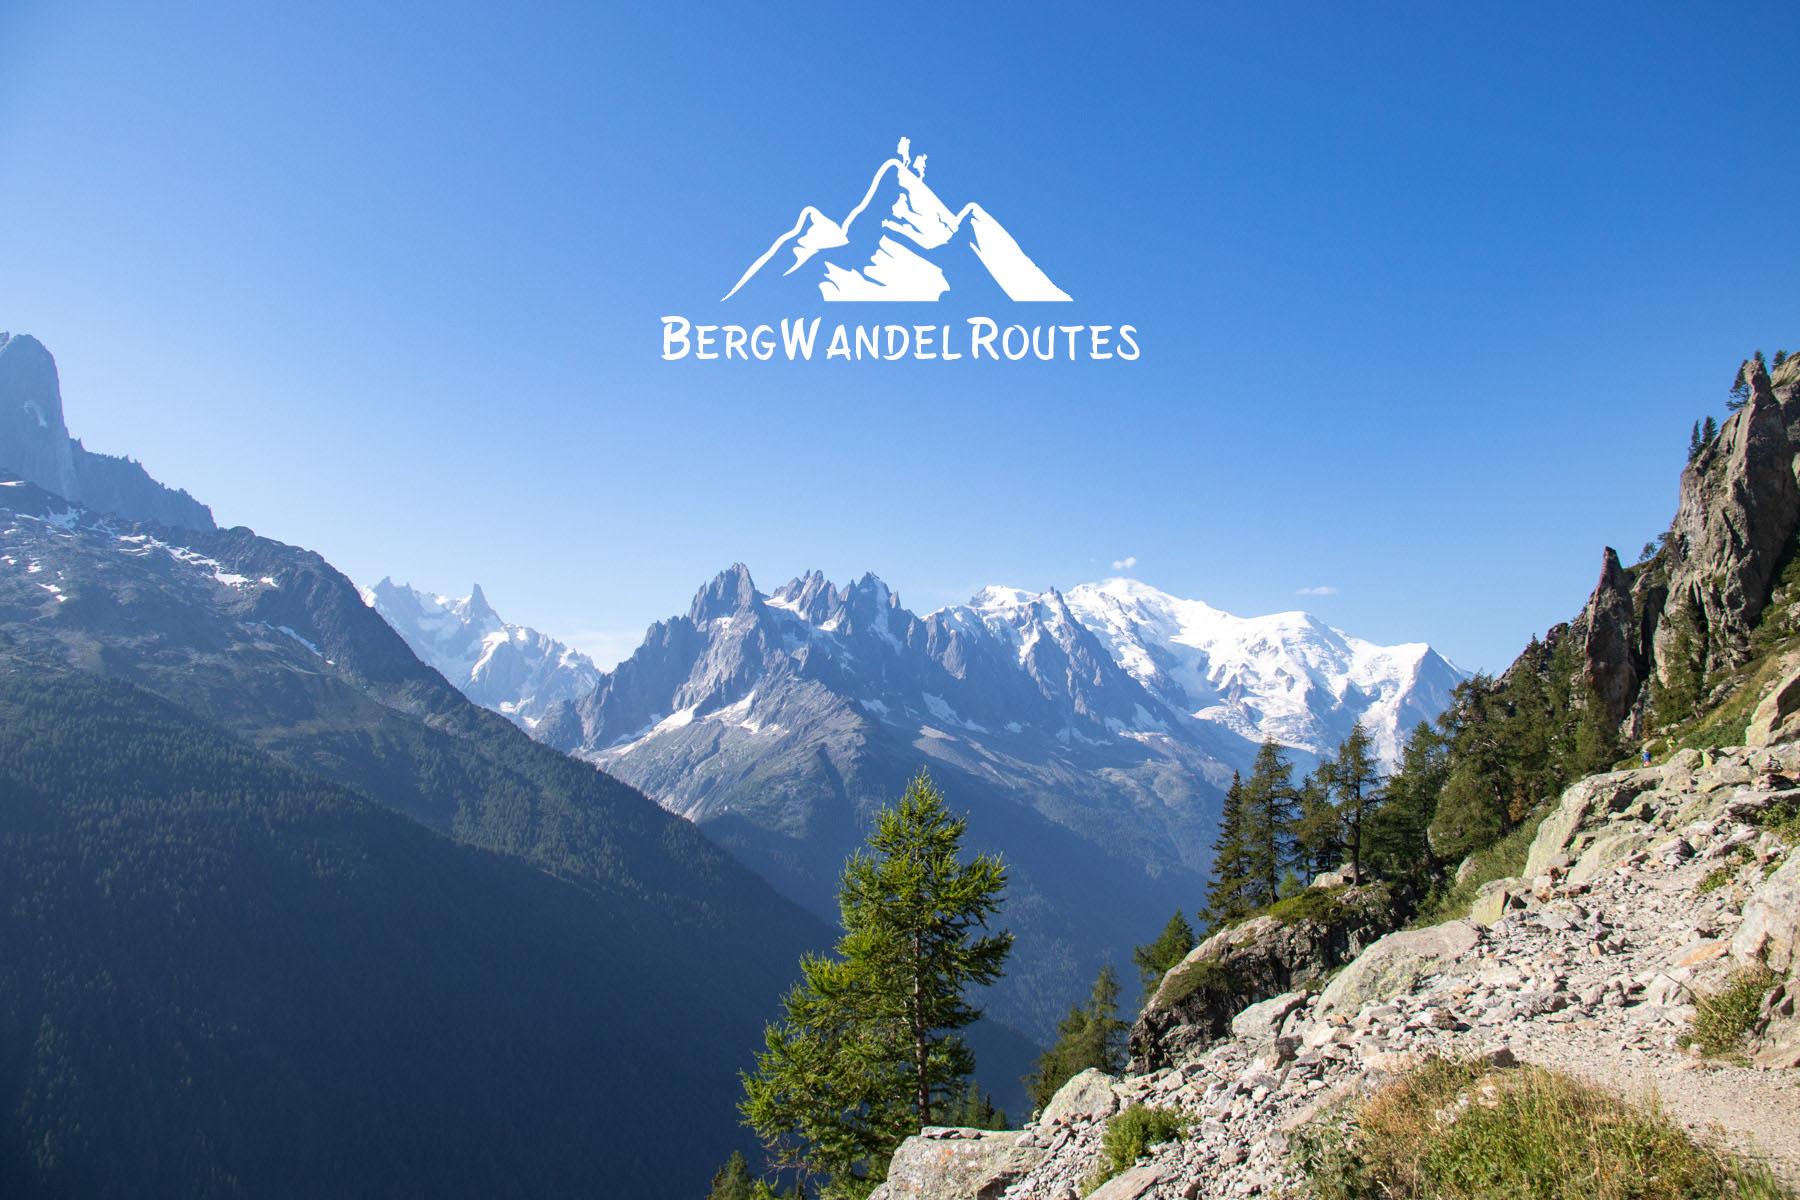 Nieuwe website: Bergwandelroutes.nl